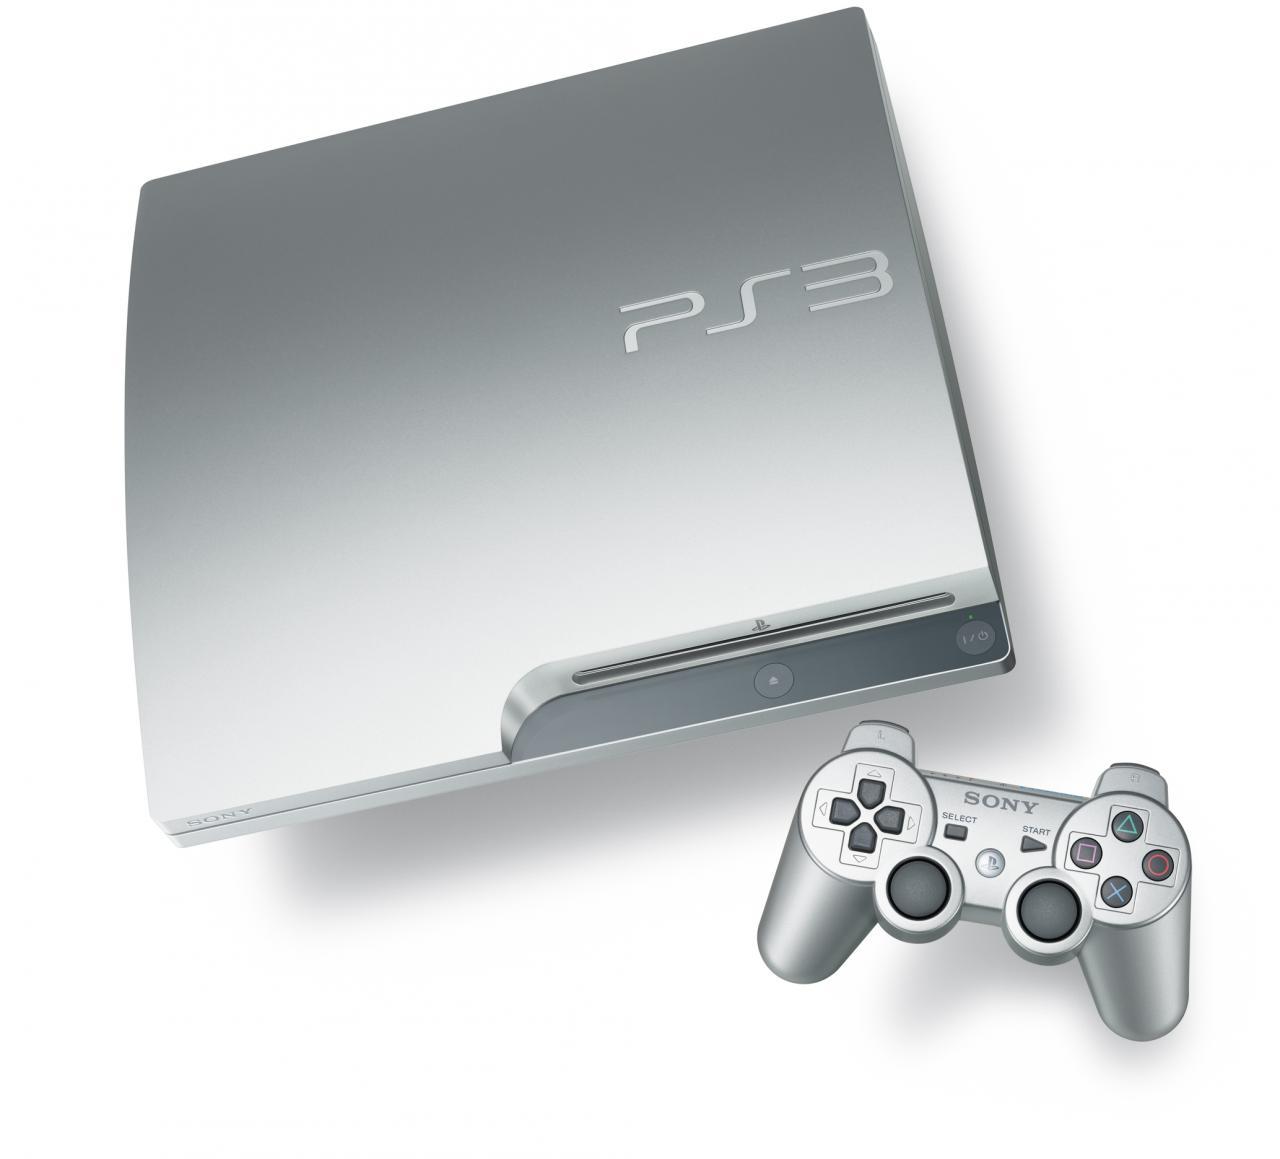 nieuws binnenkort playstation 3 in wit en zilver. Black Bedroom Furniture Sets. Home Design Ideas